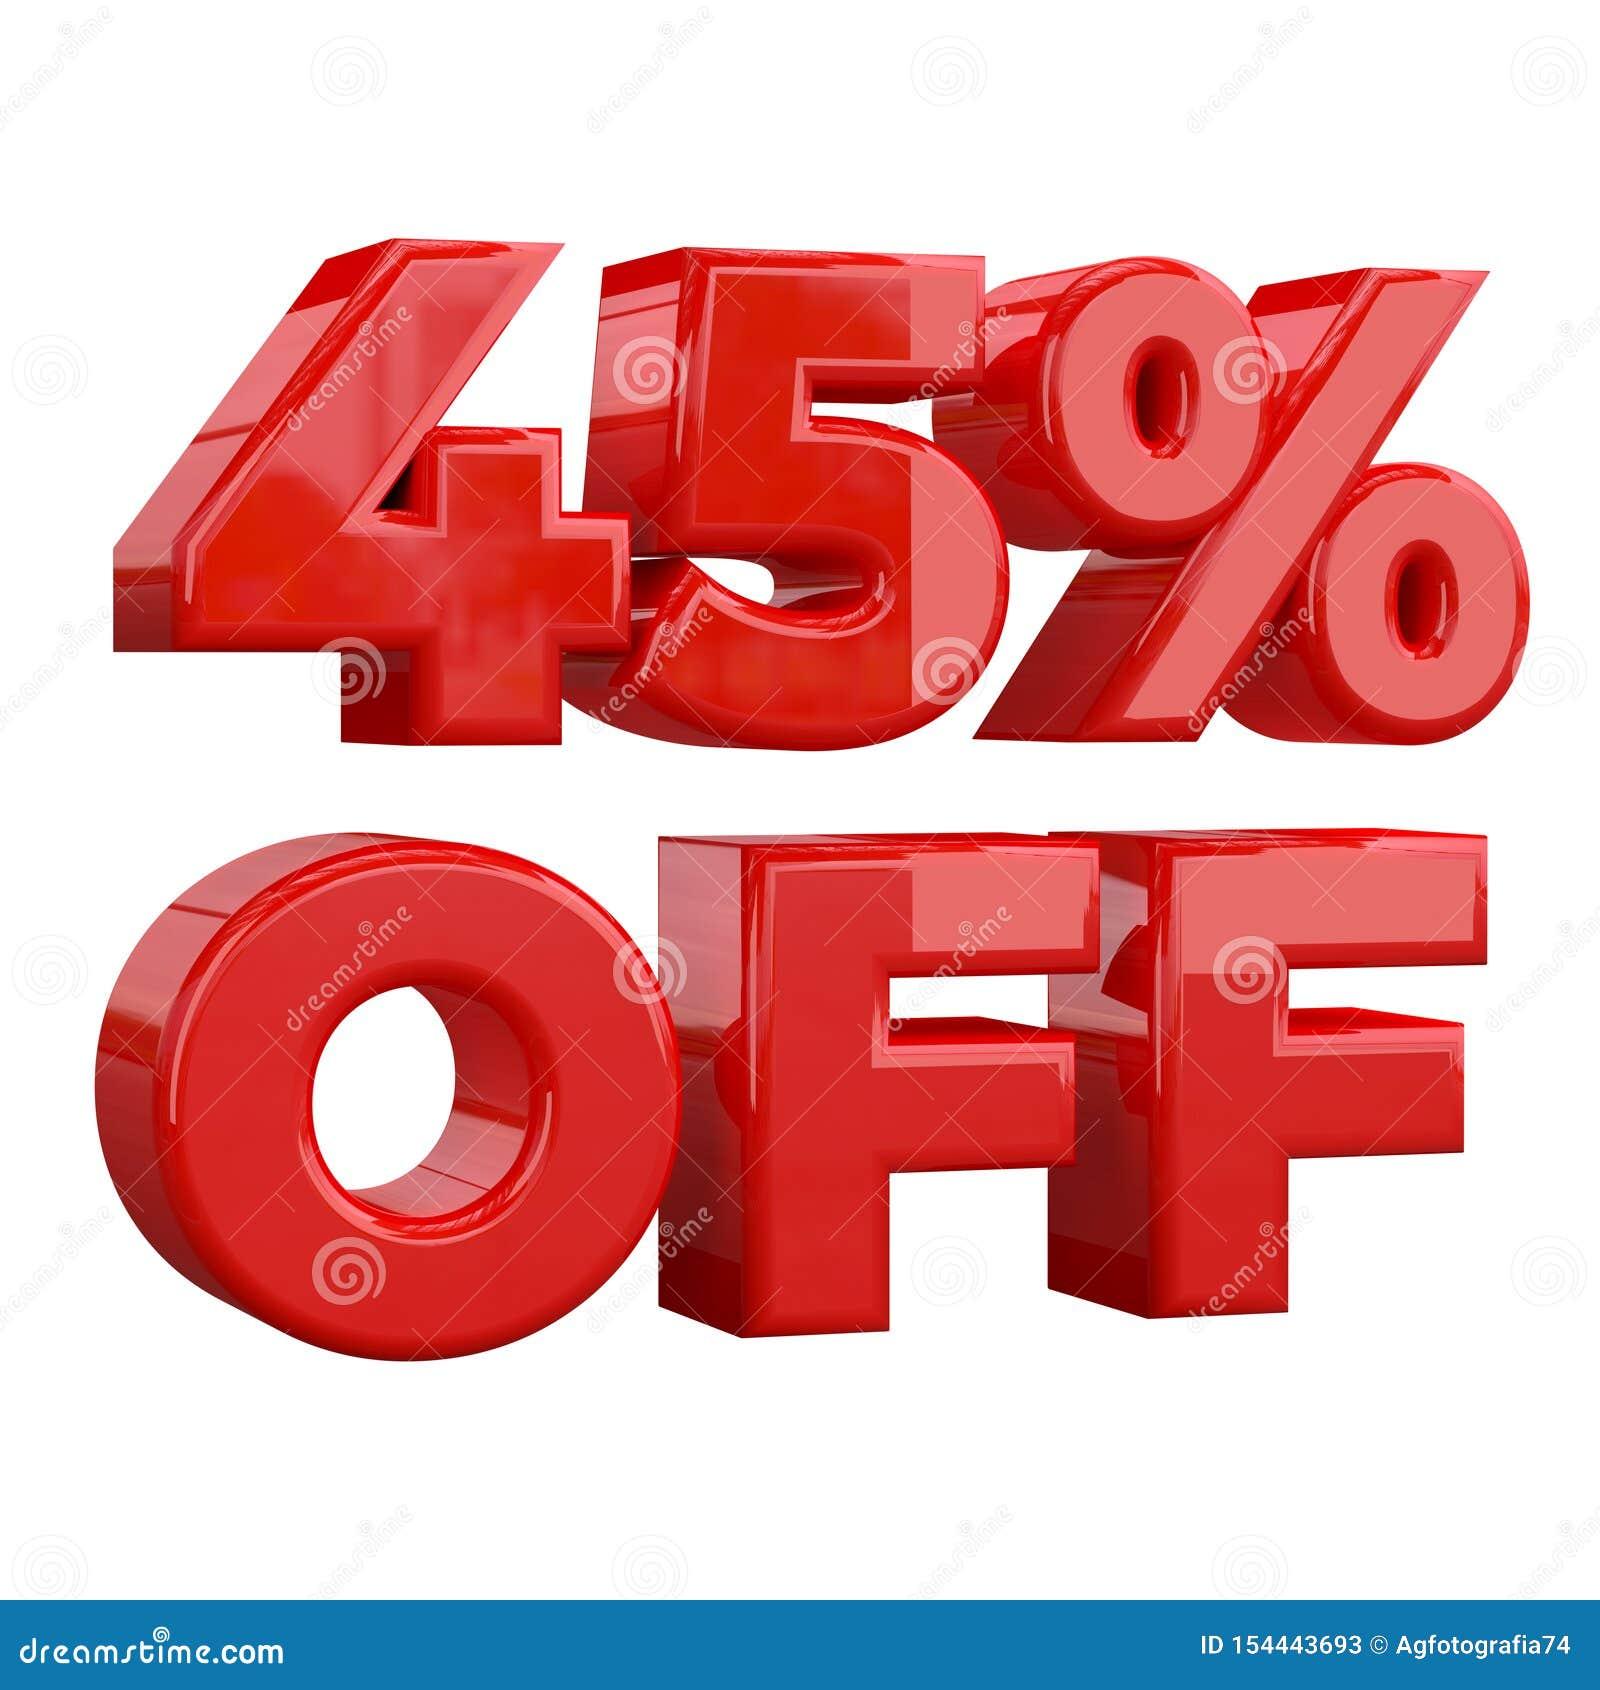 45  sur le fond blanc, offre spéciale, grande offre, vente quarante-cinq pour cent outre de bannière de publicité promotionnelle,